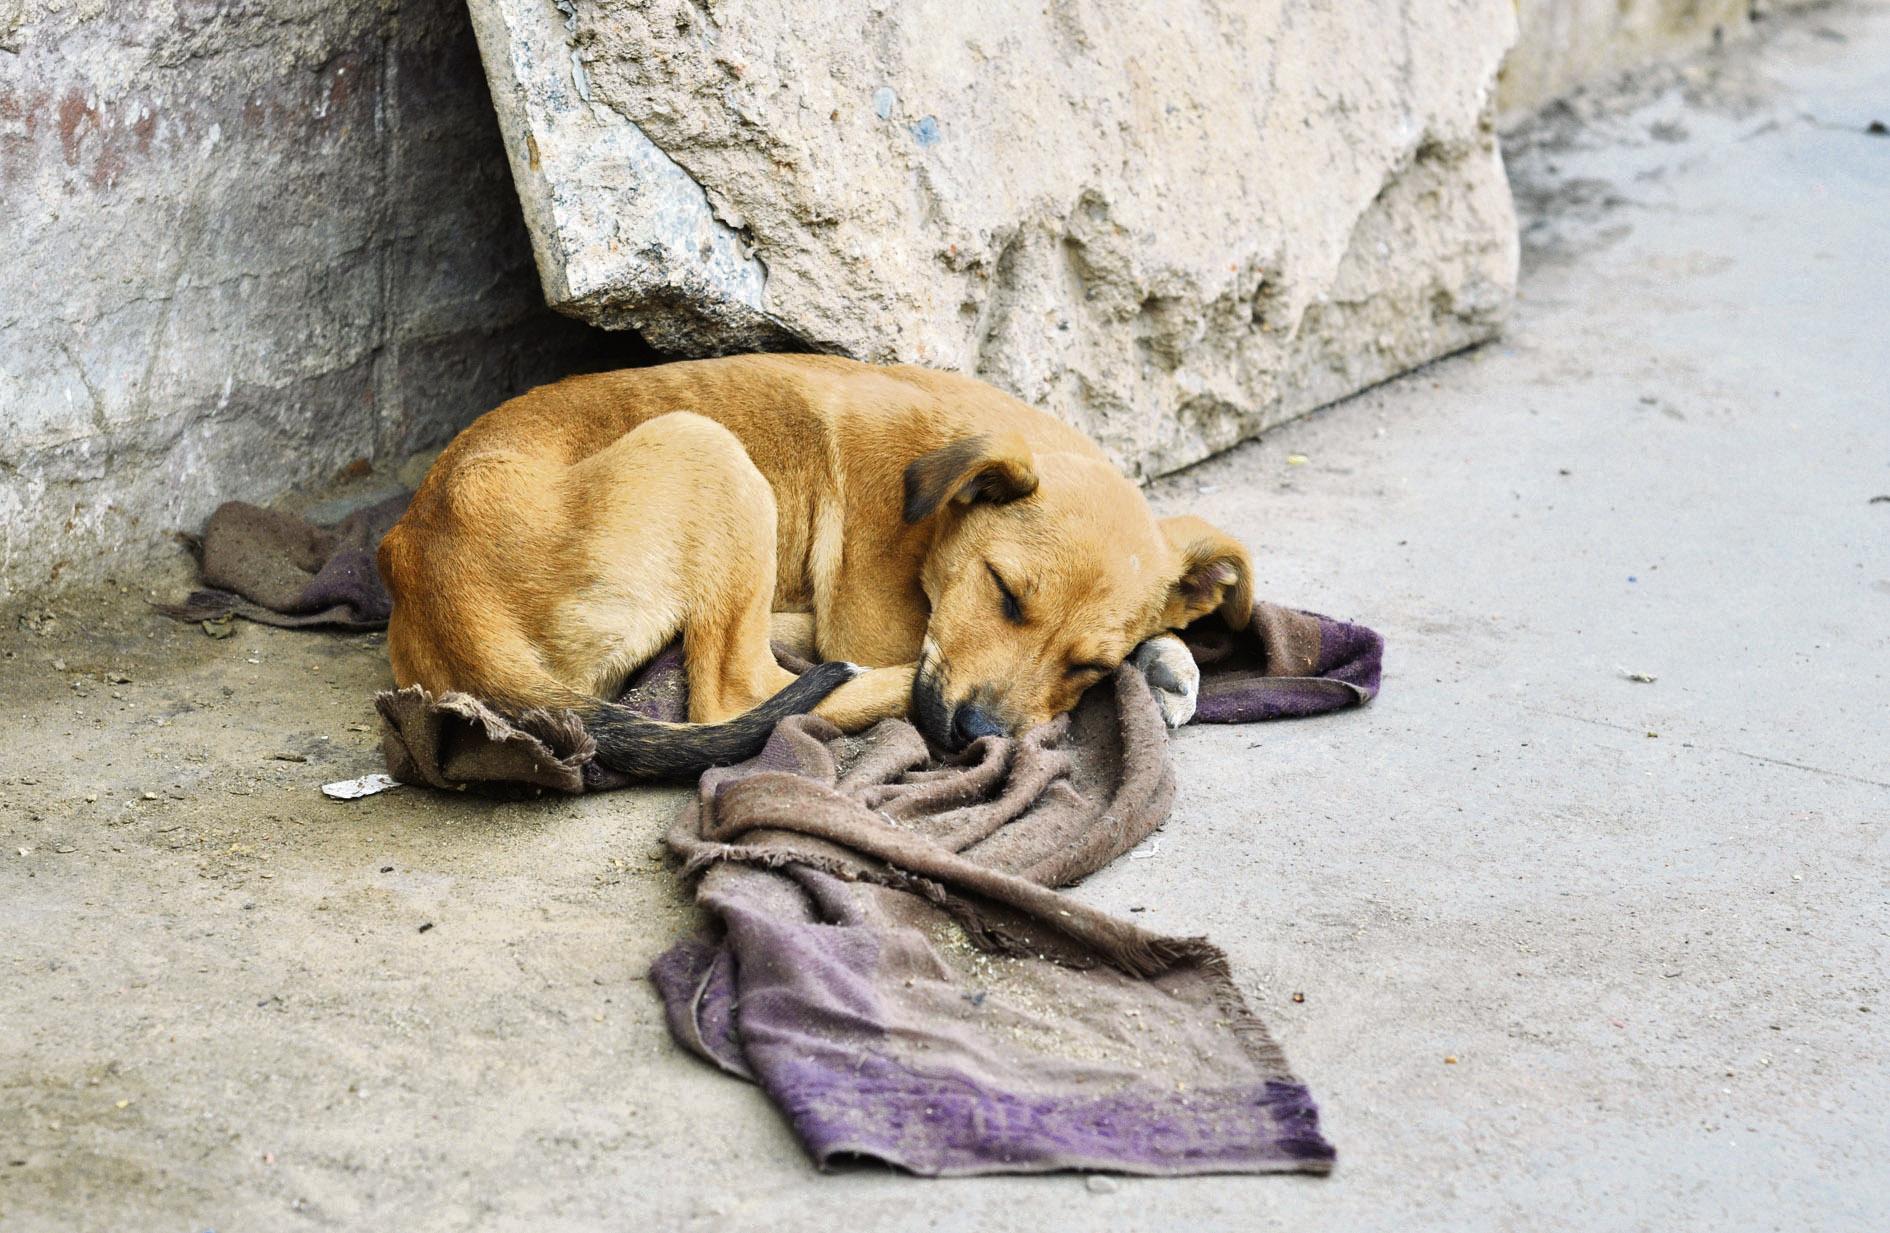 Gizałki. Co robić, kiedy widzisz bezdomne, błąkające się zwierzę?  - Zdjęcie główne